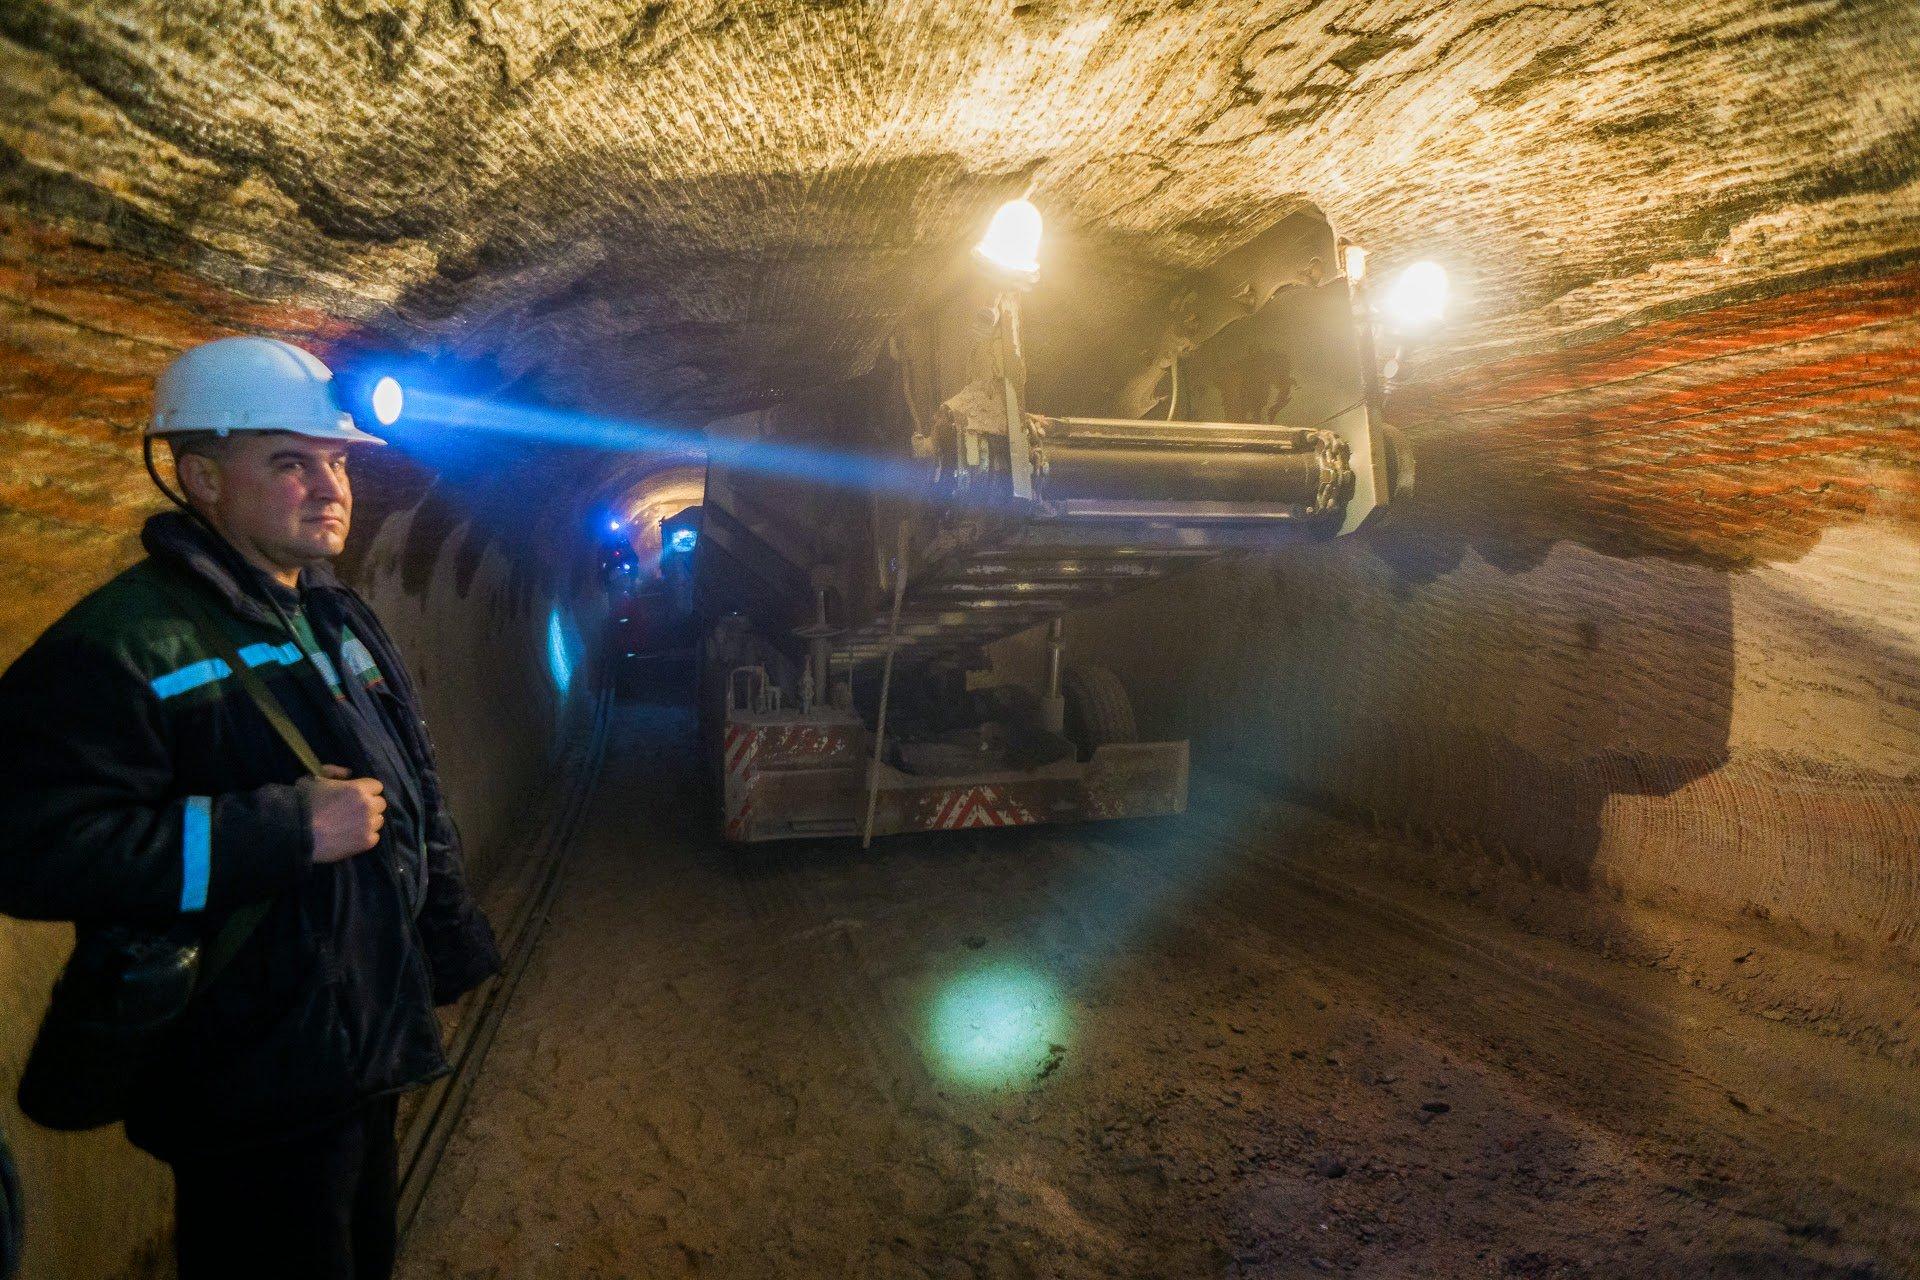 СКР возбудил уголовное дело в связи с пожаром в шахте в Соликамске